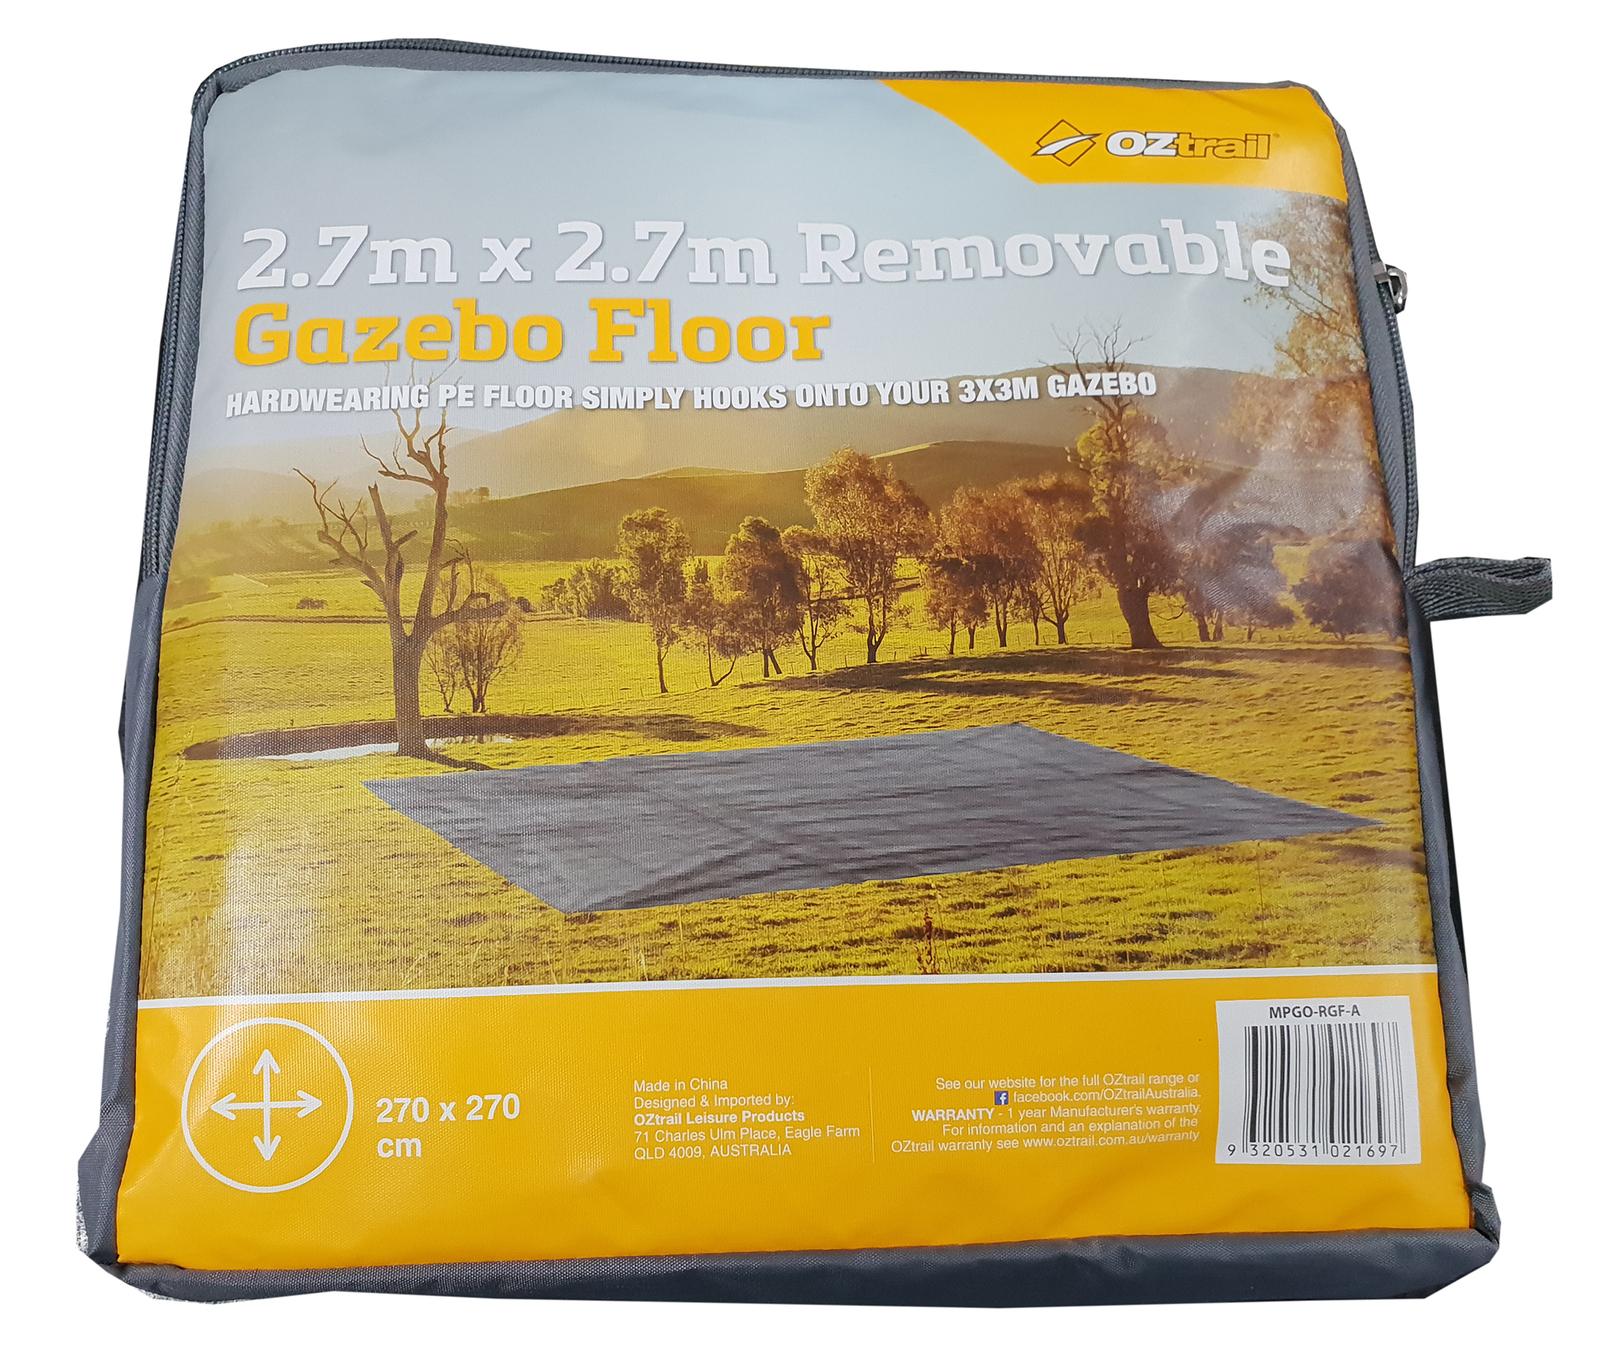 oztrail-removable-gazebo-floor-designed-for-3m-gazebo-mpgo-rgf-a